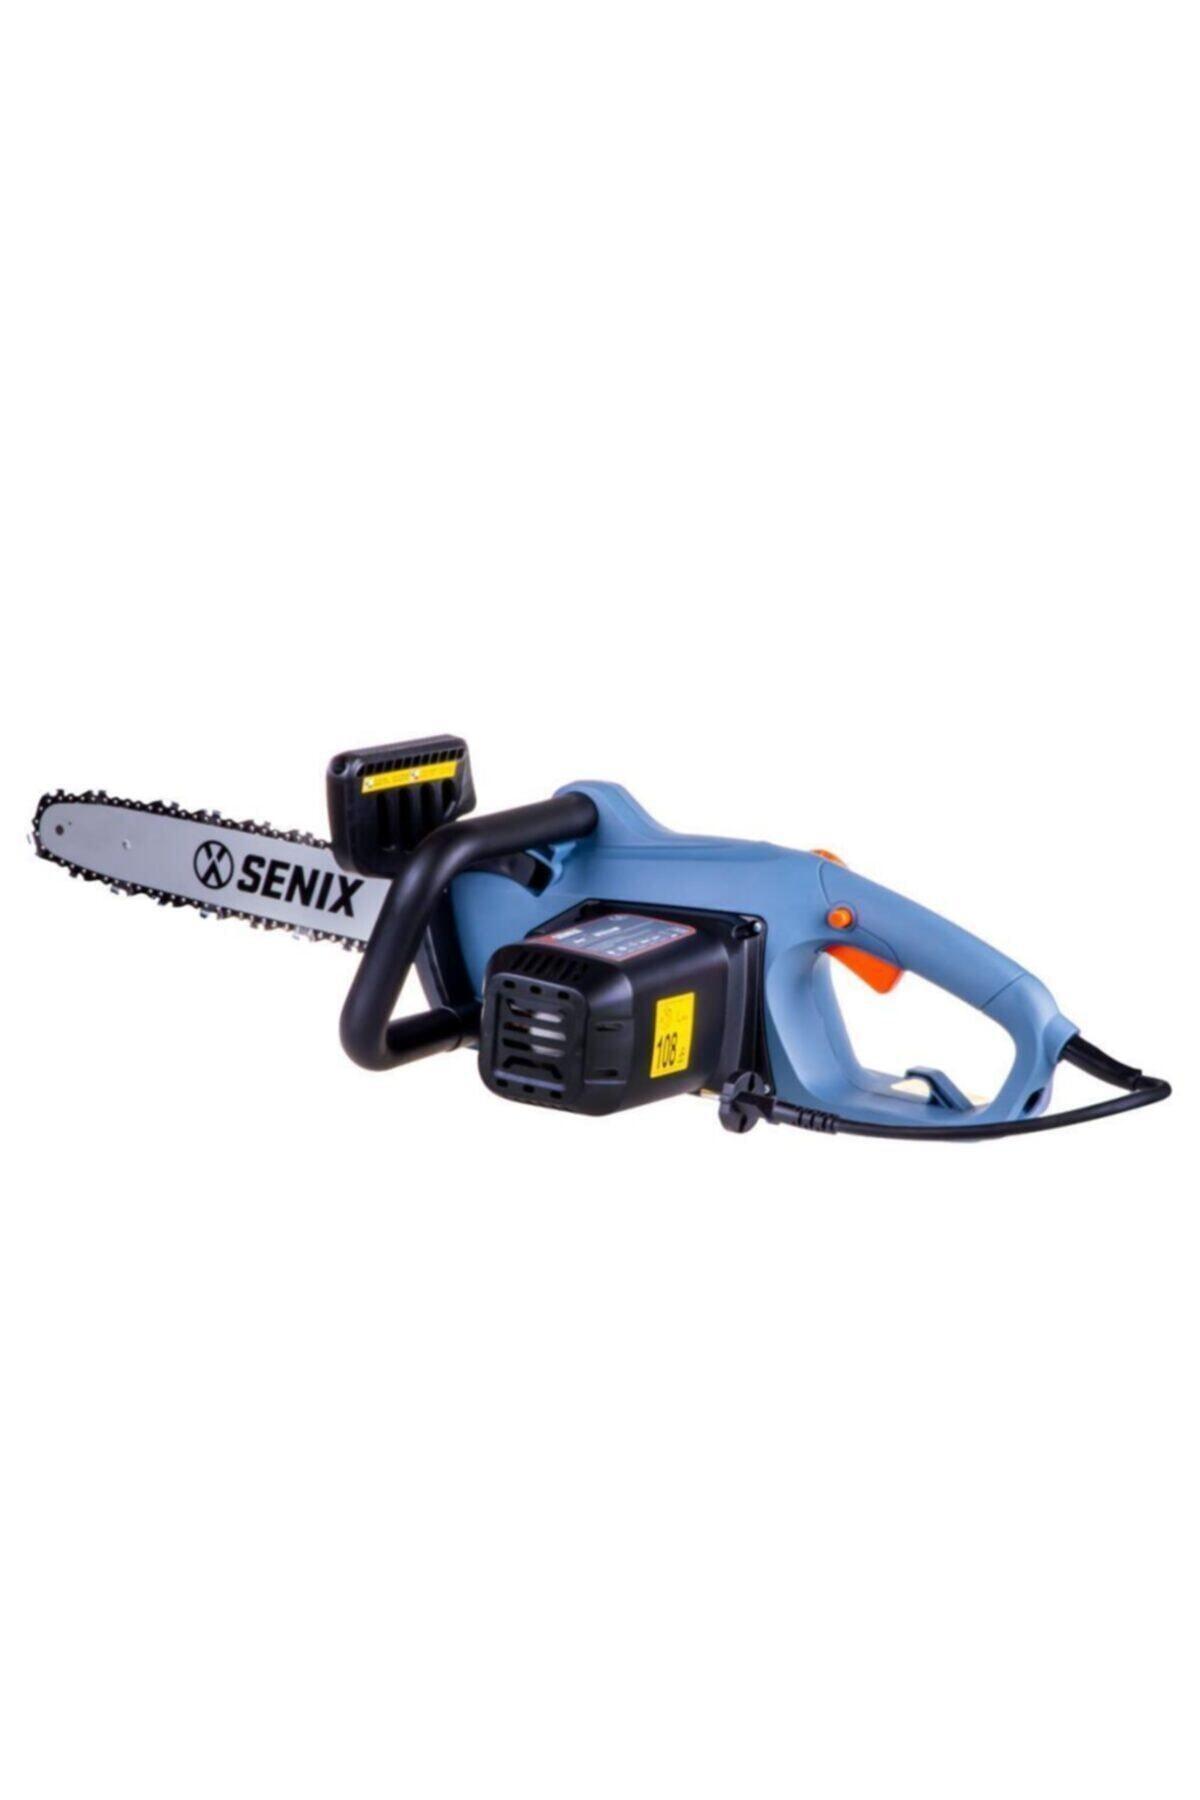 SENIX / Cse22-m1-eu Elektrikli Testere 2000w 1